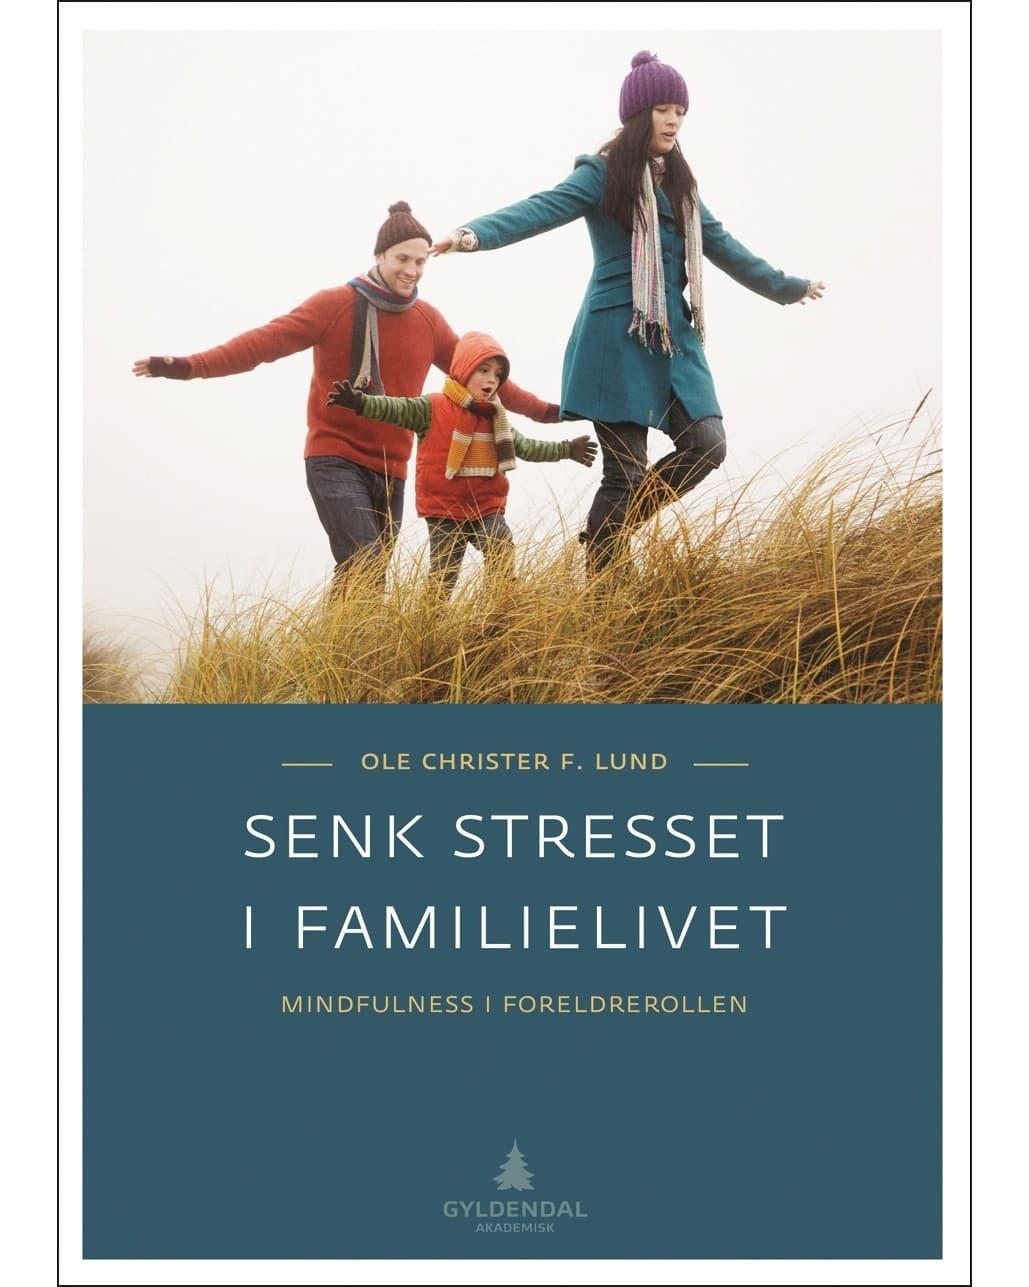 Gyldendal Senk stresset i familielivet - Mindfulness i foreldrerollen